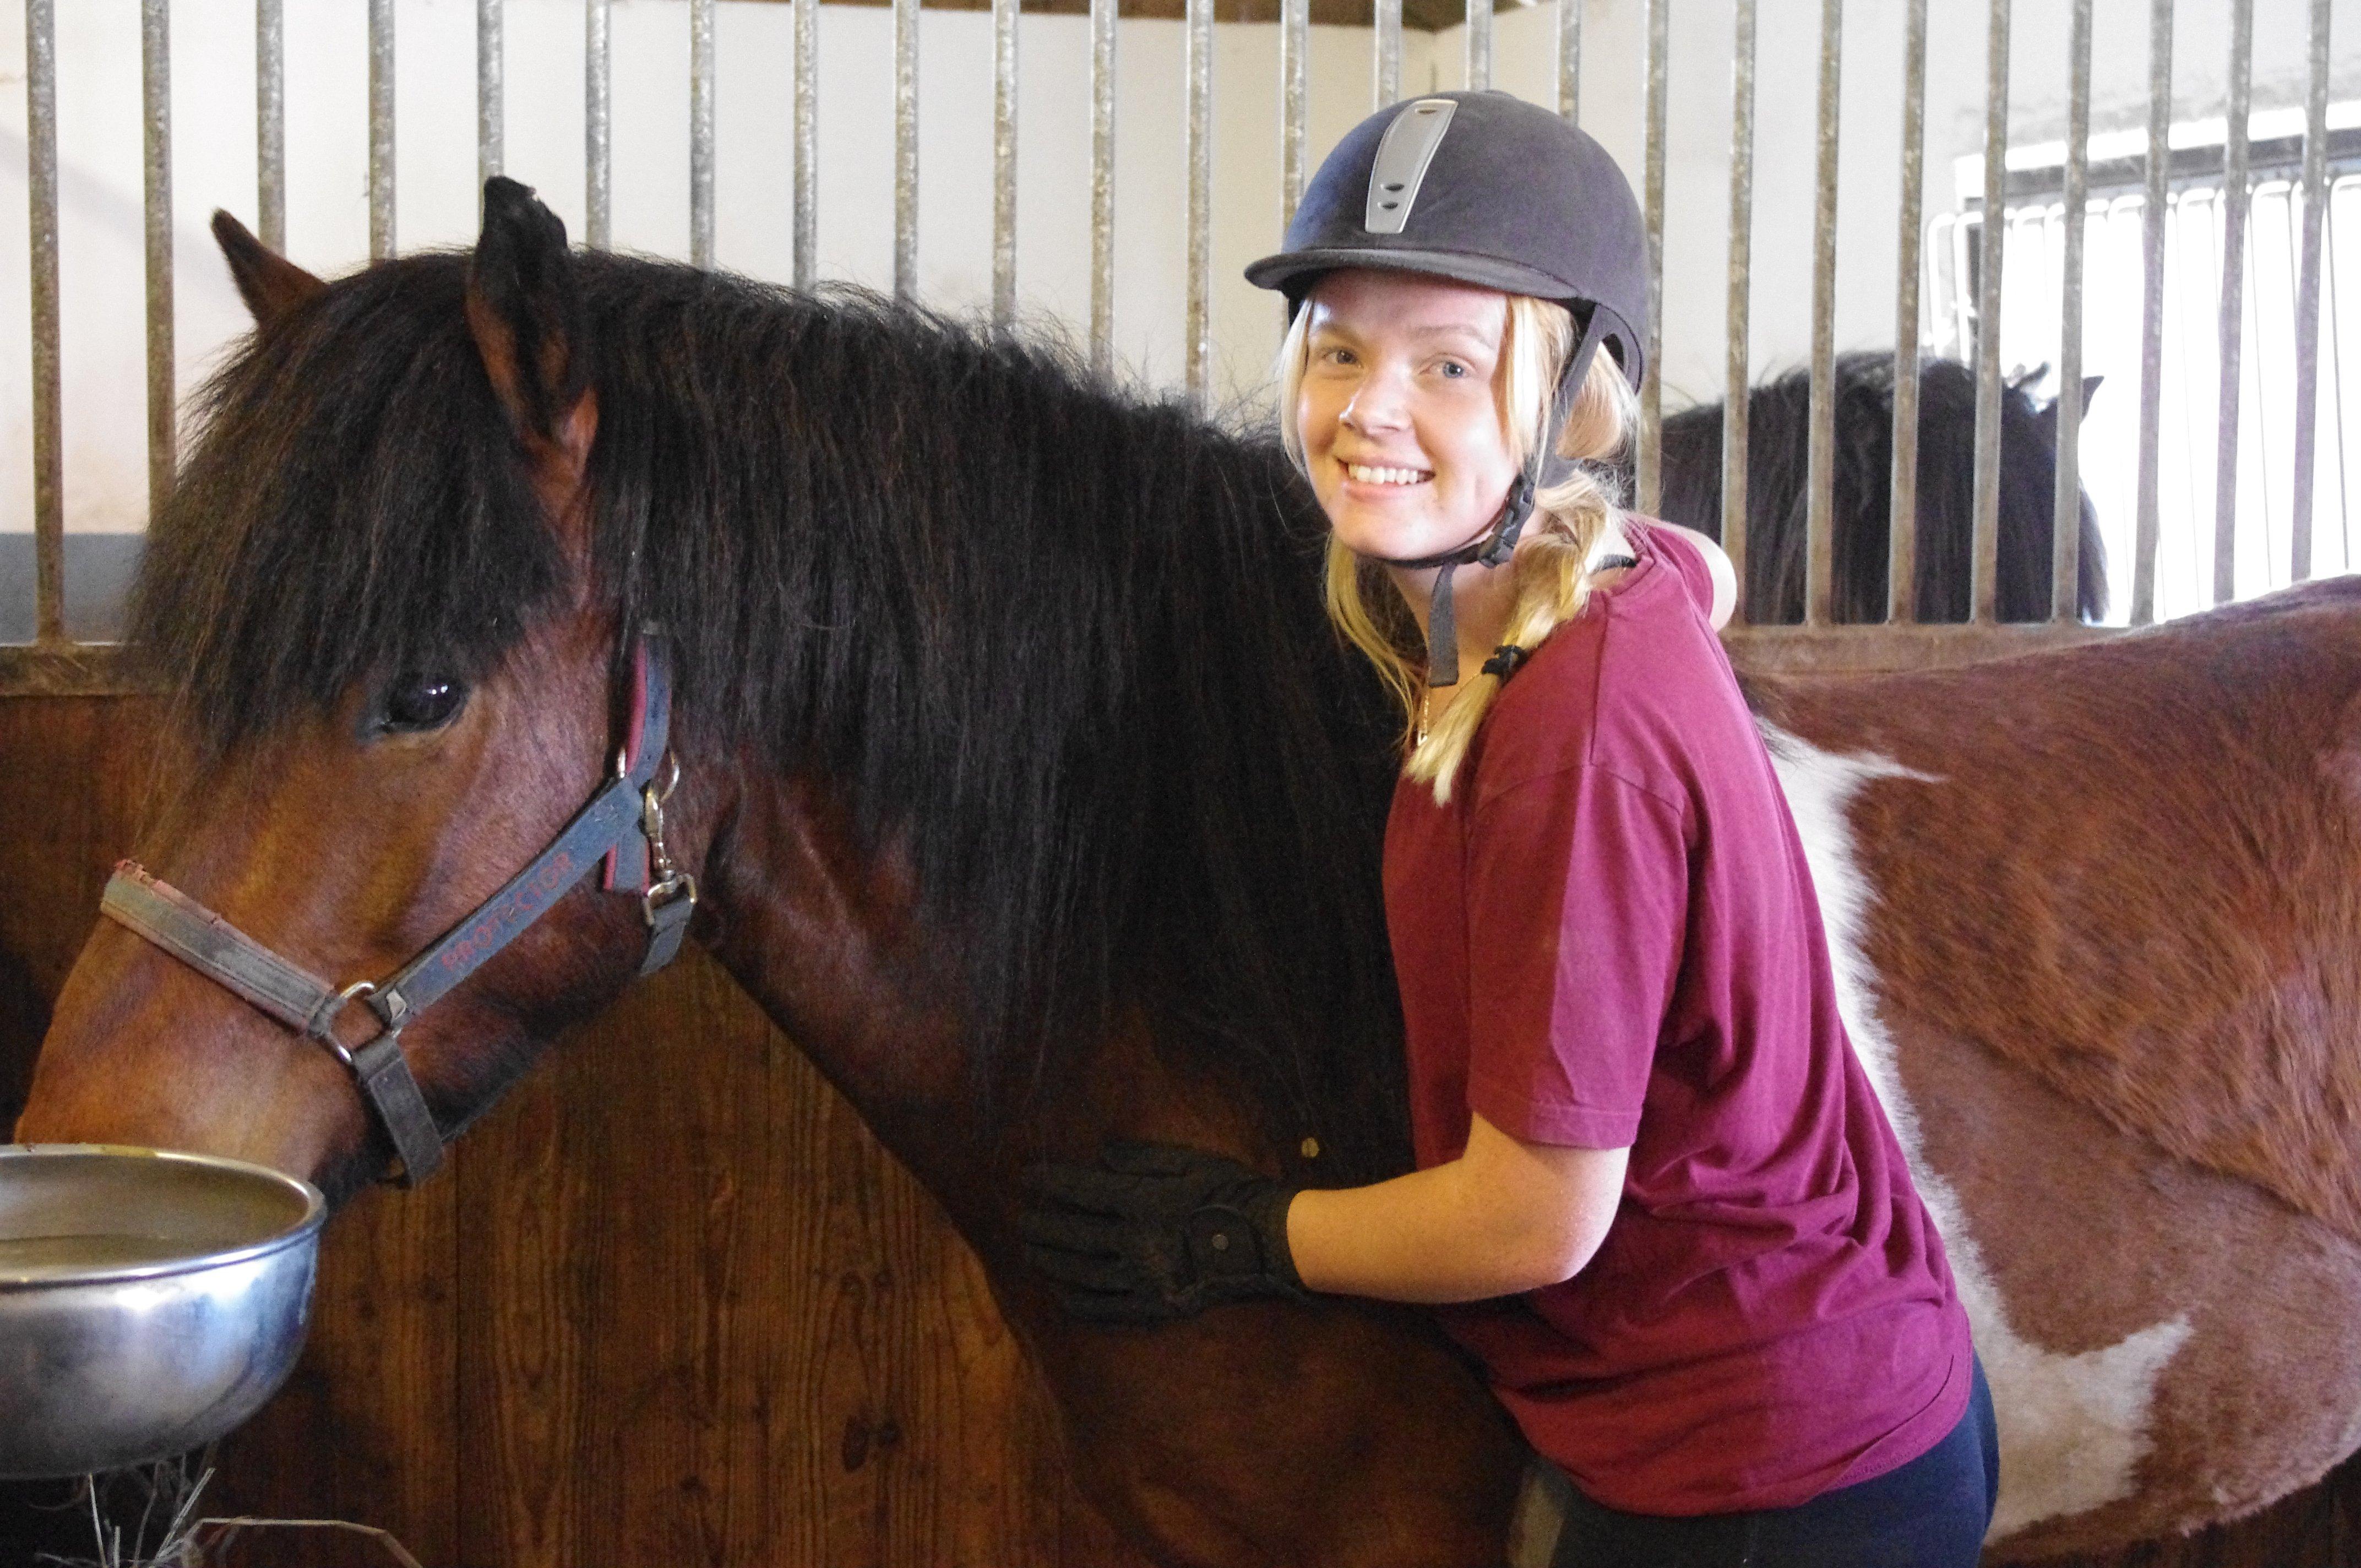 ida-night-trip-stables- Galleri-sparrarpislandshastar.com | 2020